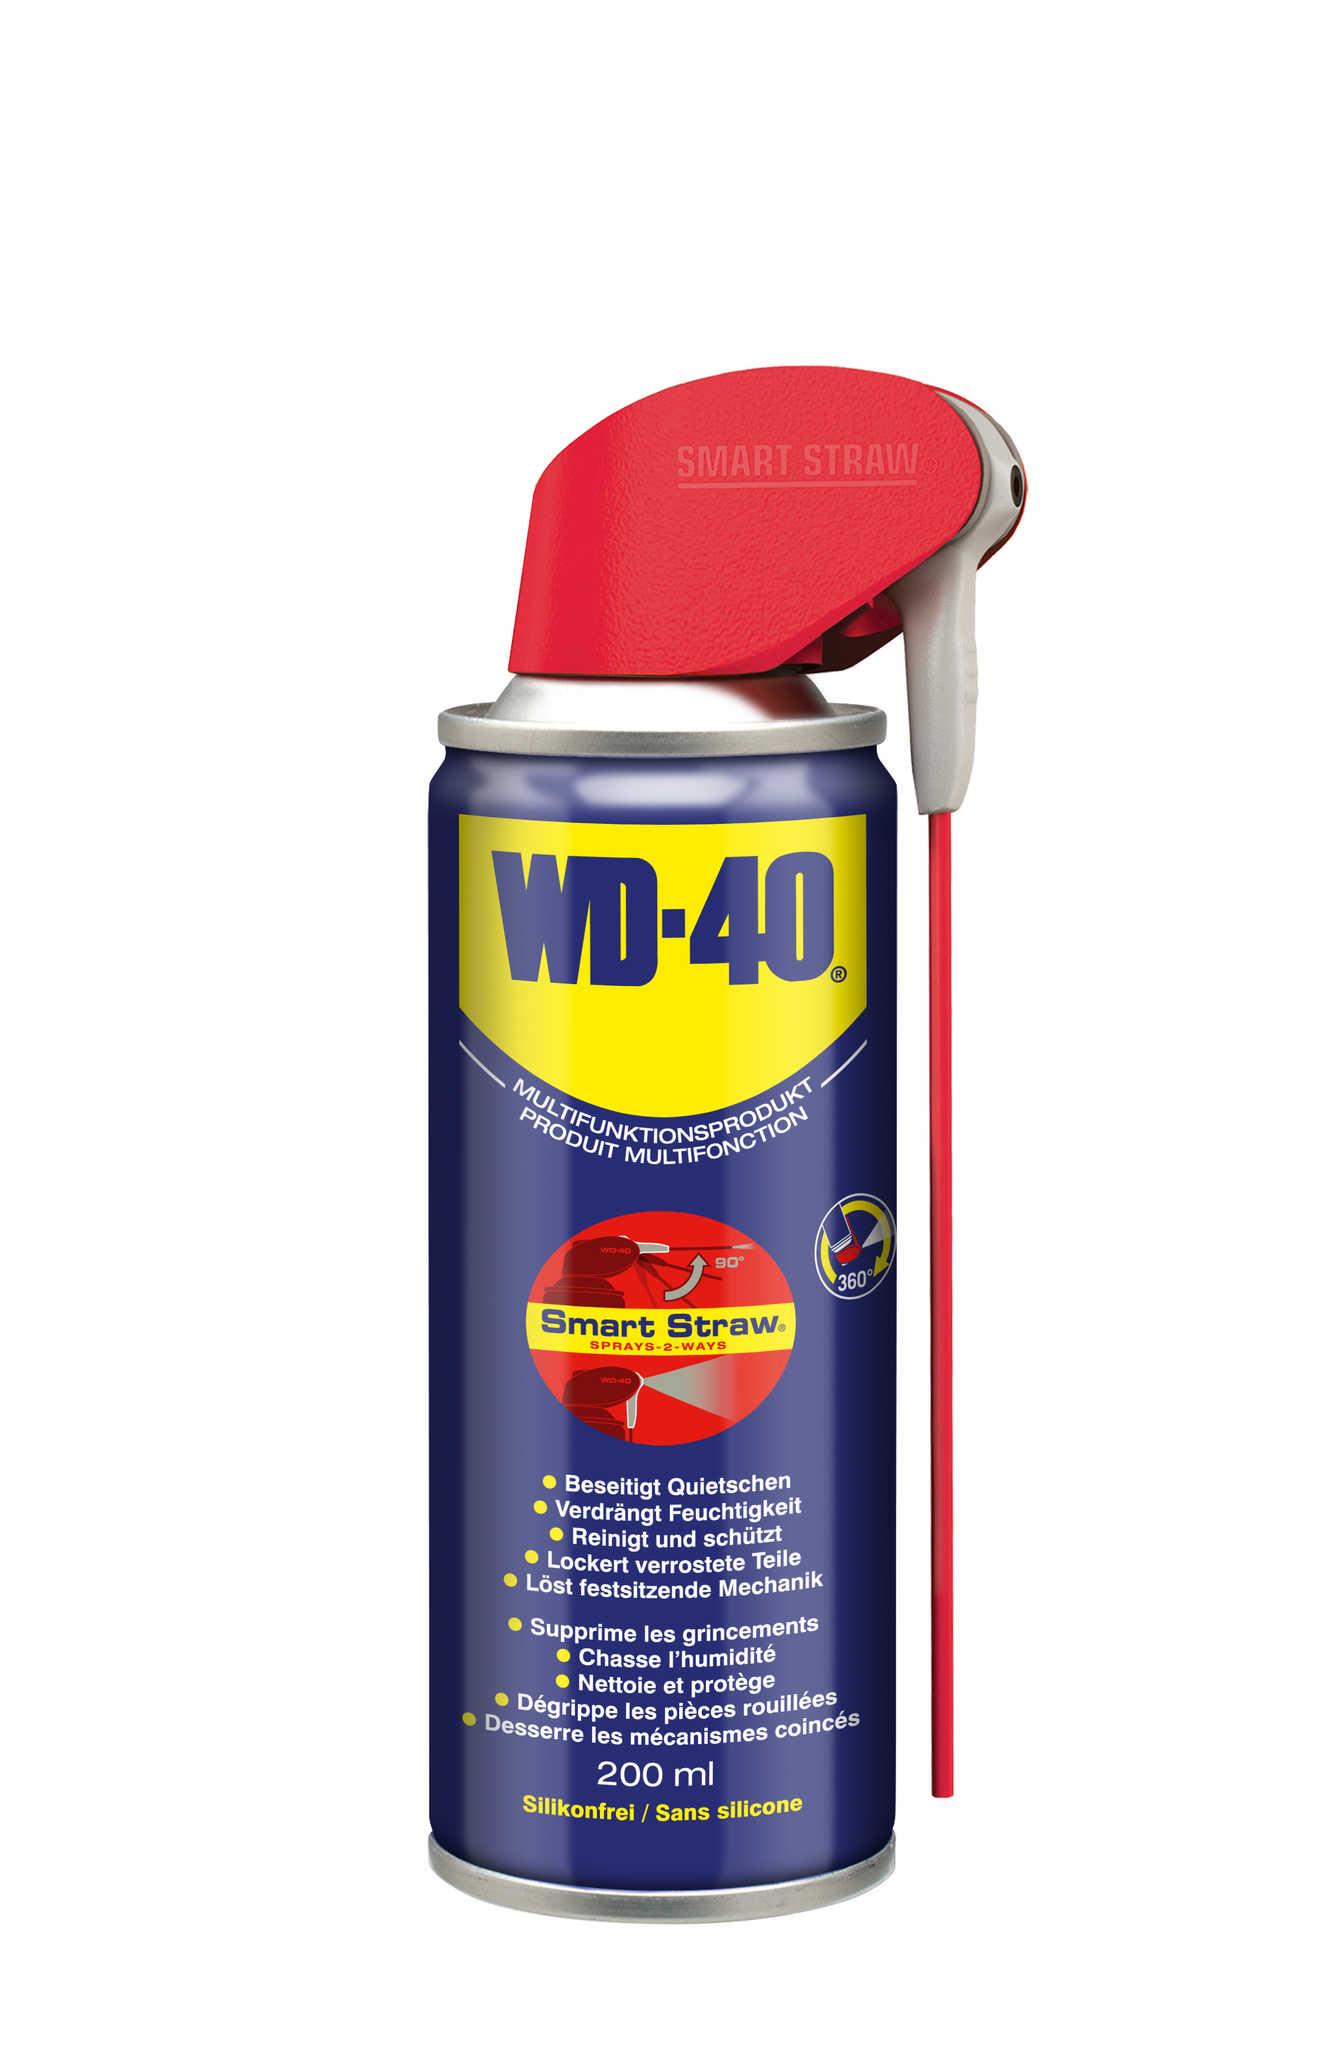 Wie kann ich Metall reinigen? Die besten WD-40 Tipps